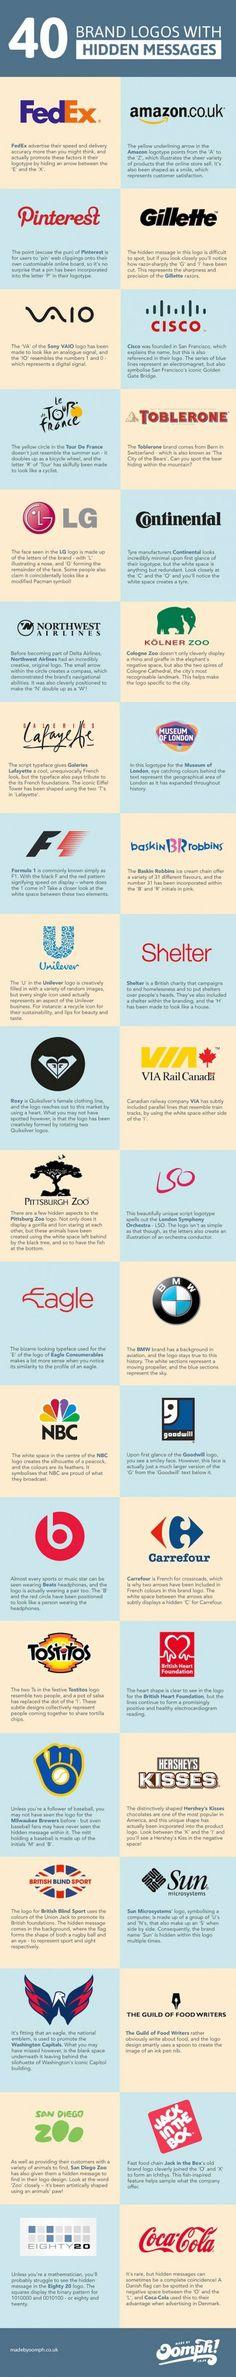 40 Logos mit geheimen Botschaften http://onlinemarketing.de/news/40-weltbekannte-firmenlogos-mit-geheimen-botschaften